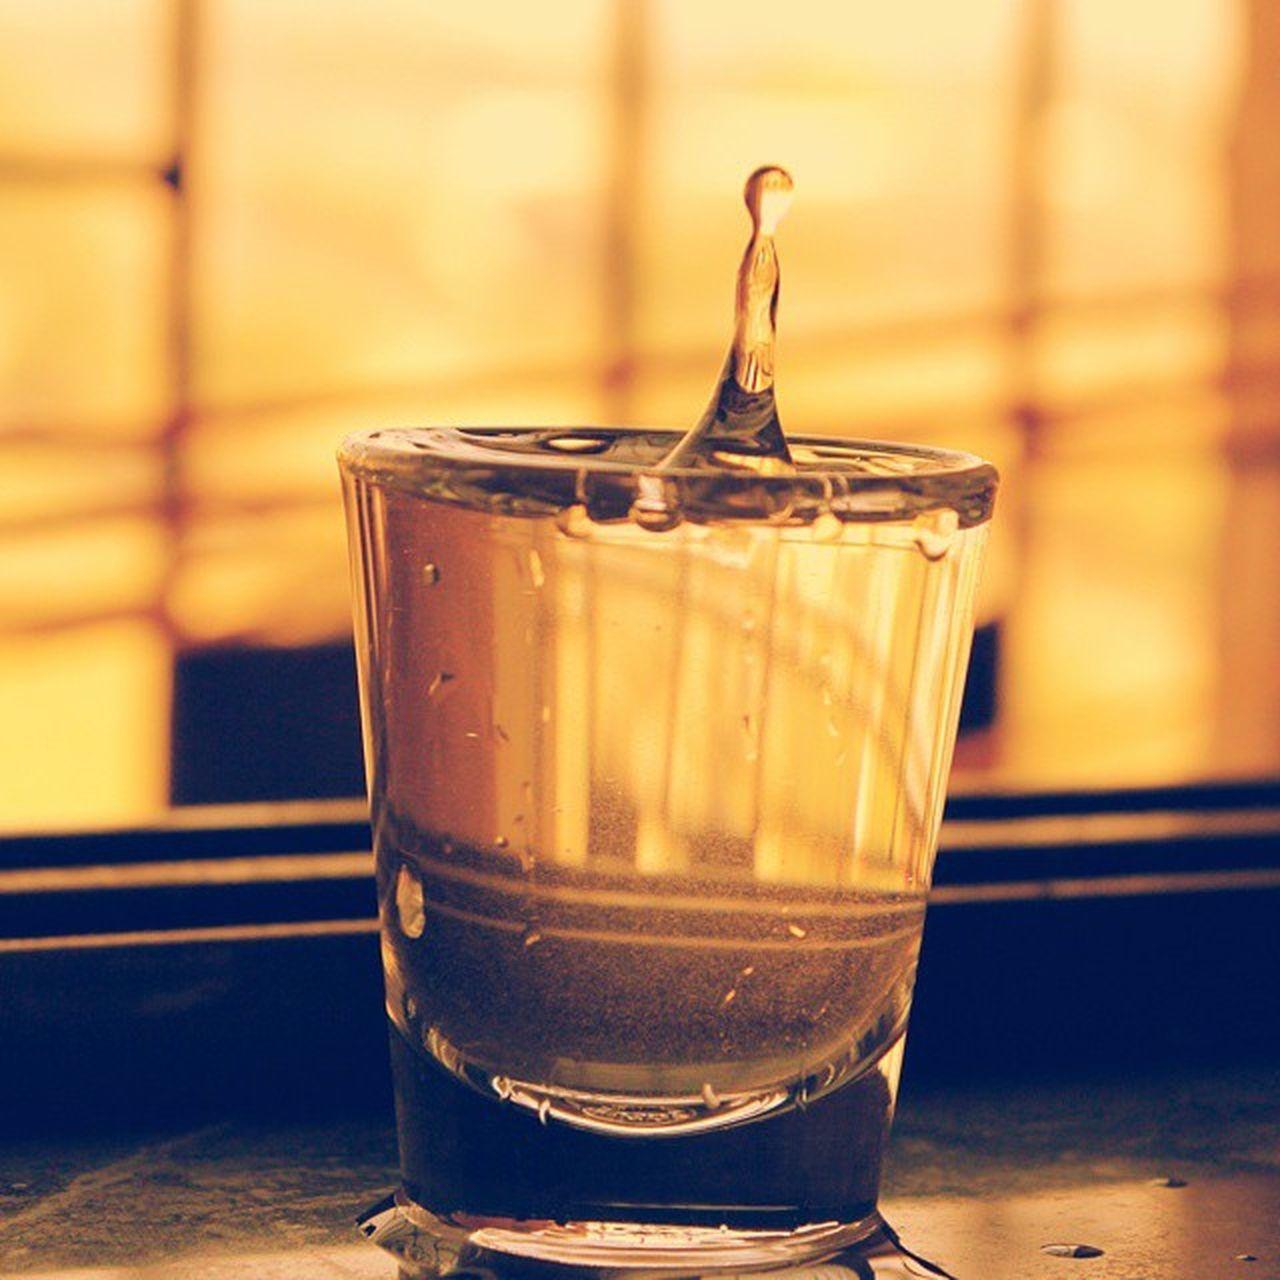 Time_itself_comes_in_drops _soi Ip_bazaar